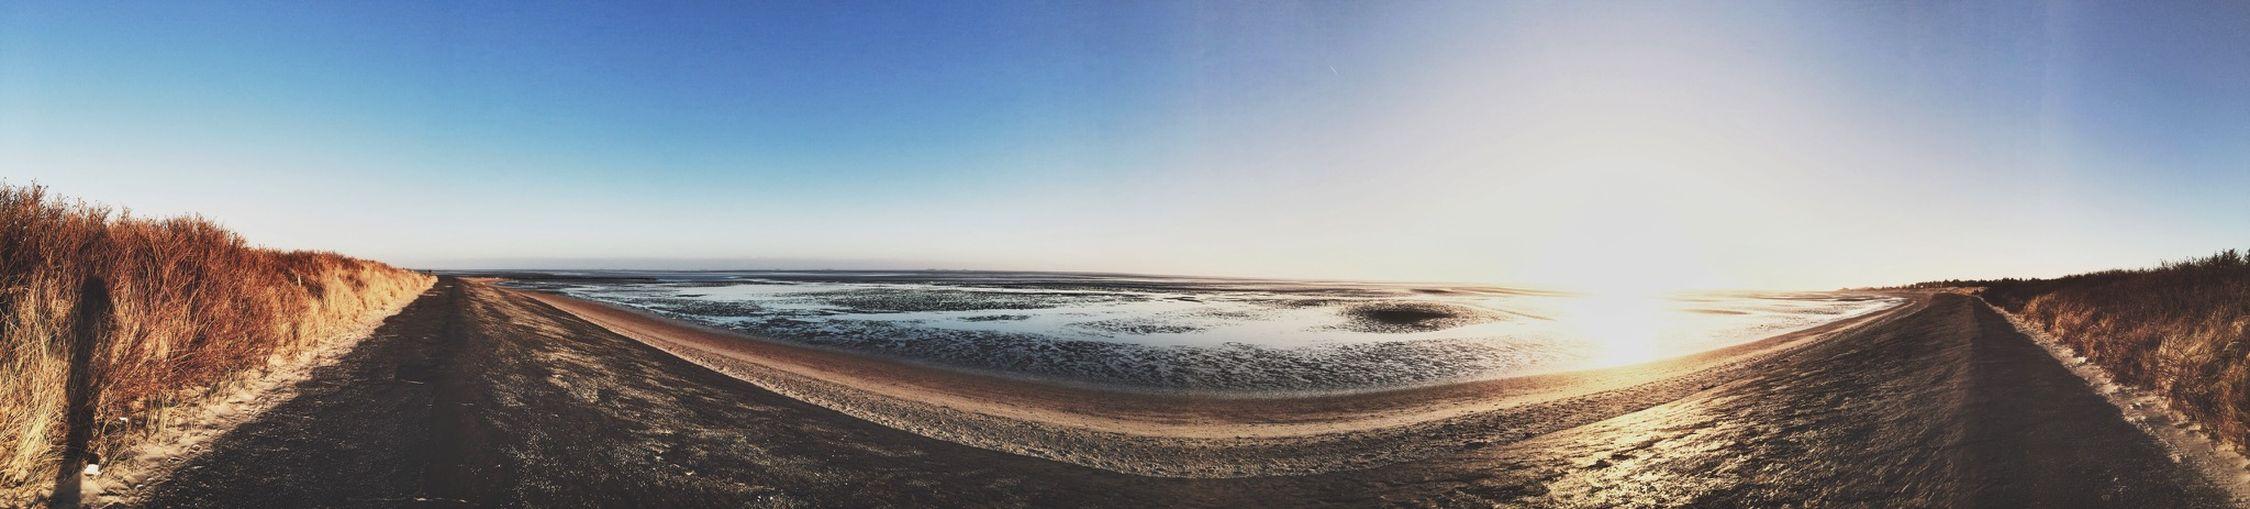 Insel Föhr Beach Beautiful Love Ocean Inspiration Bestfriend Friends Vacation Relaxing